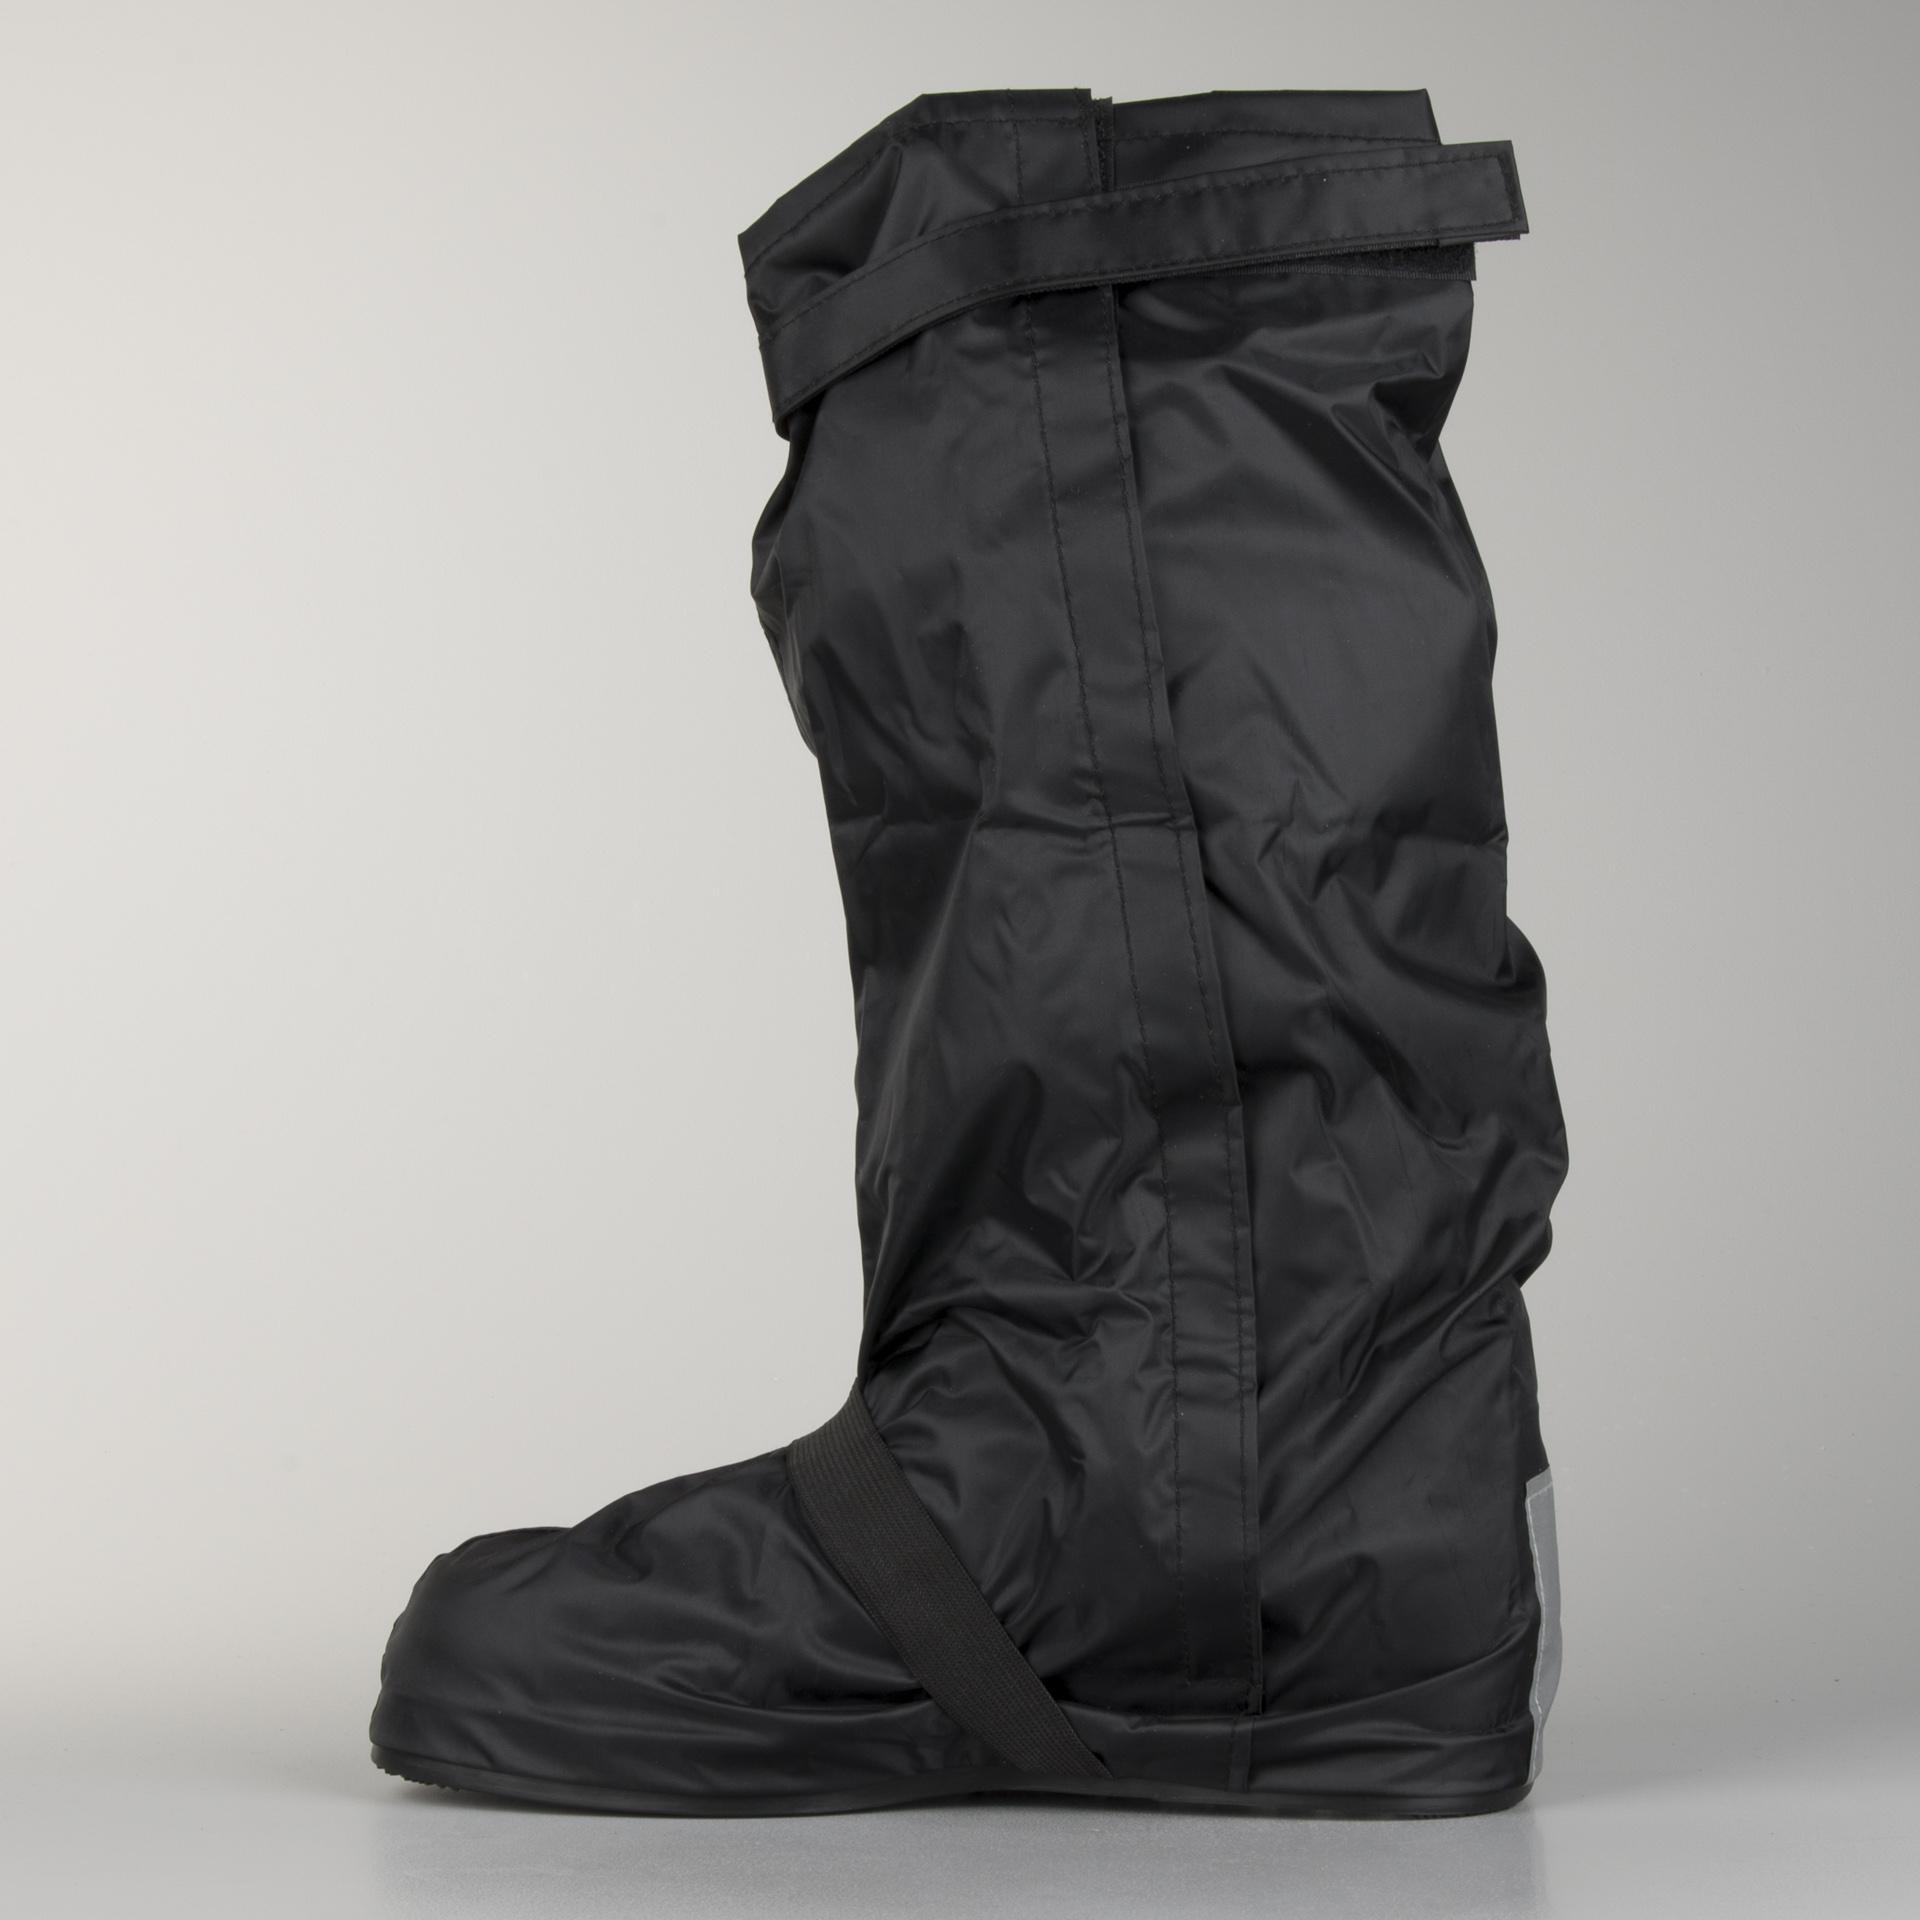 Protezione antipioggia per stivali Booster Heavy Duty Nero